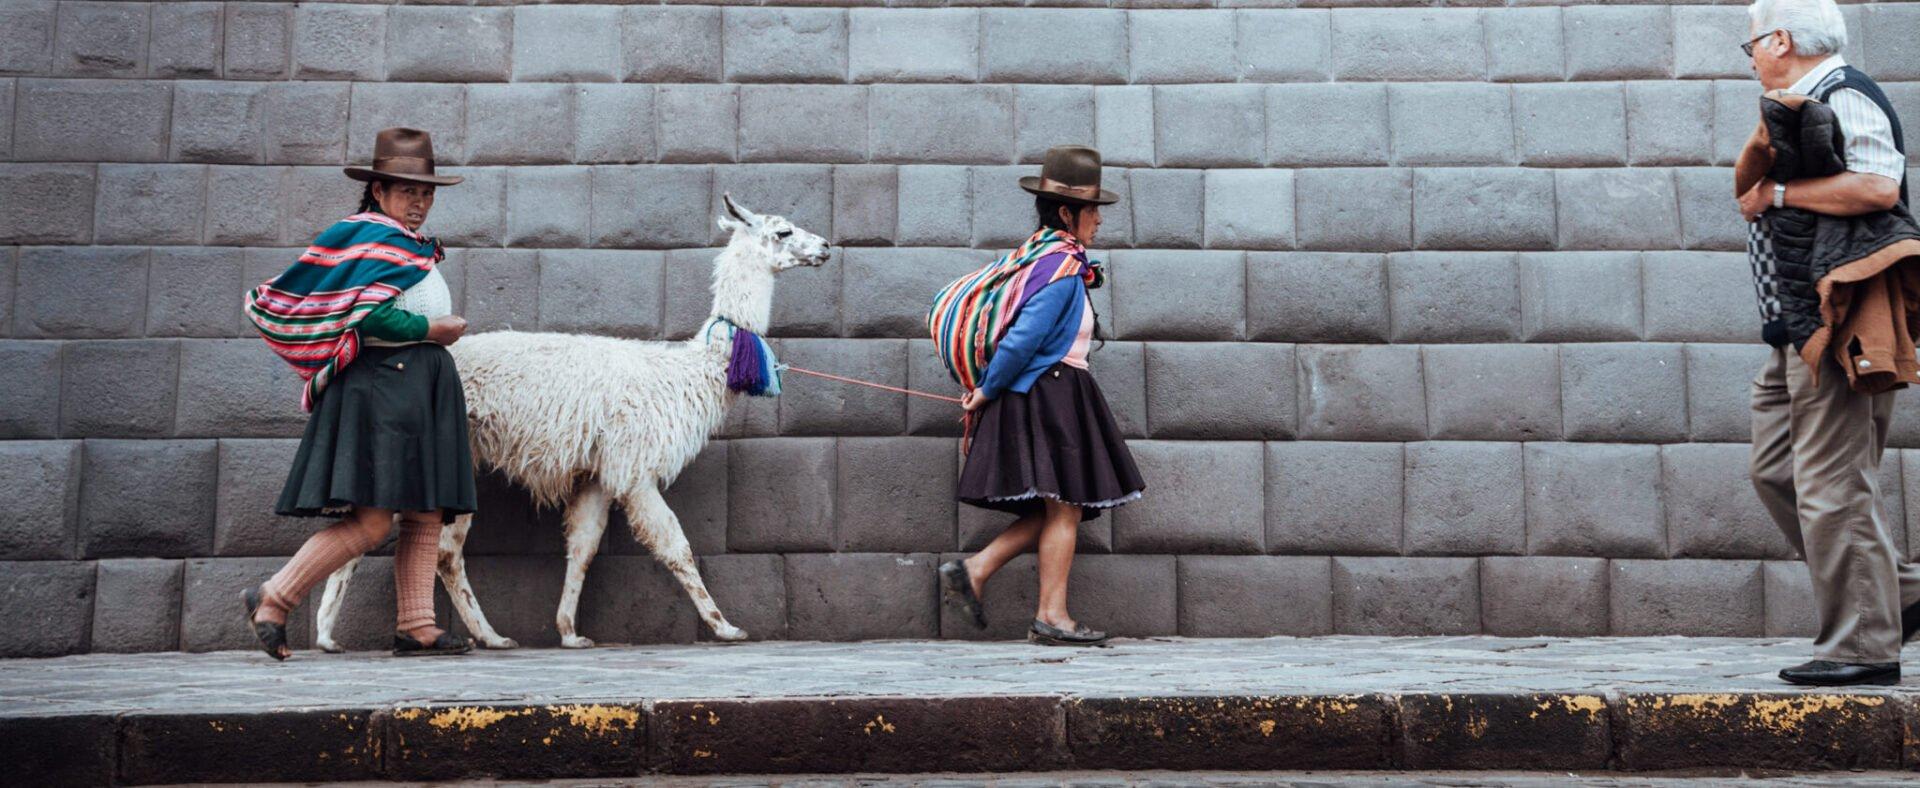 Cholas andando com uma lhama no centro de Cusco | Roteiro em Cusco, Peru